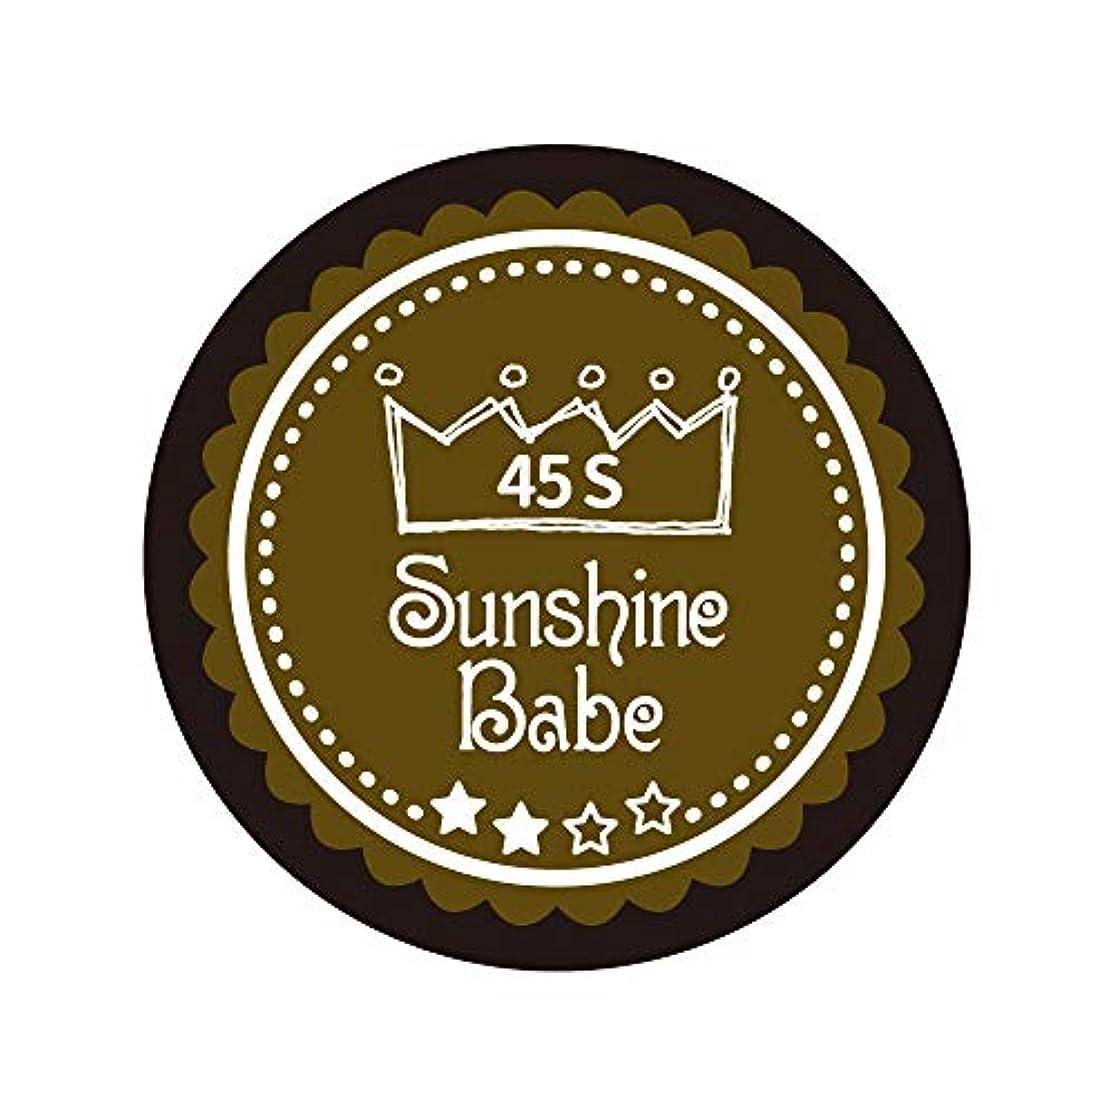 解任確認してください虎Sunshine Babe カラージェル 45S マティーニオリーブ 2.7g UV/LED対応